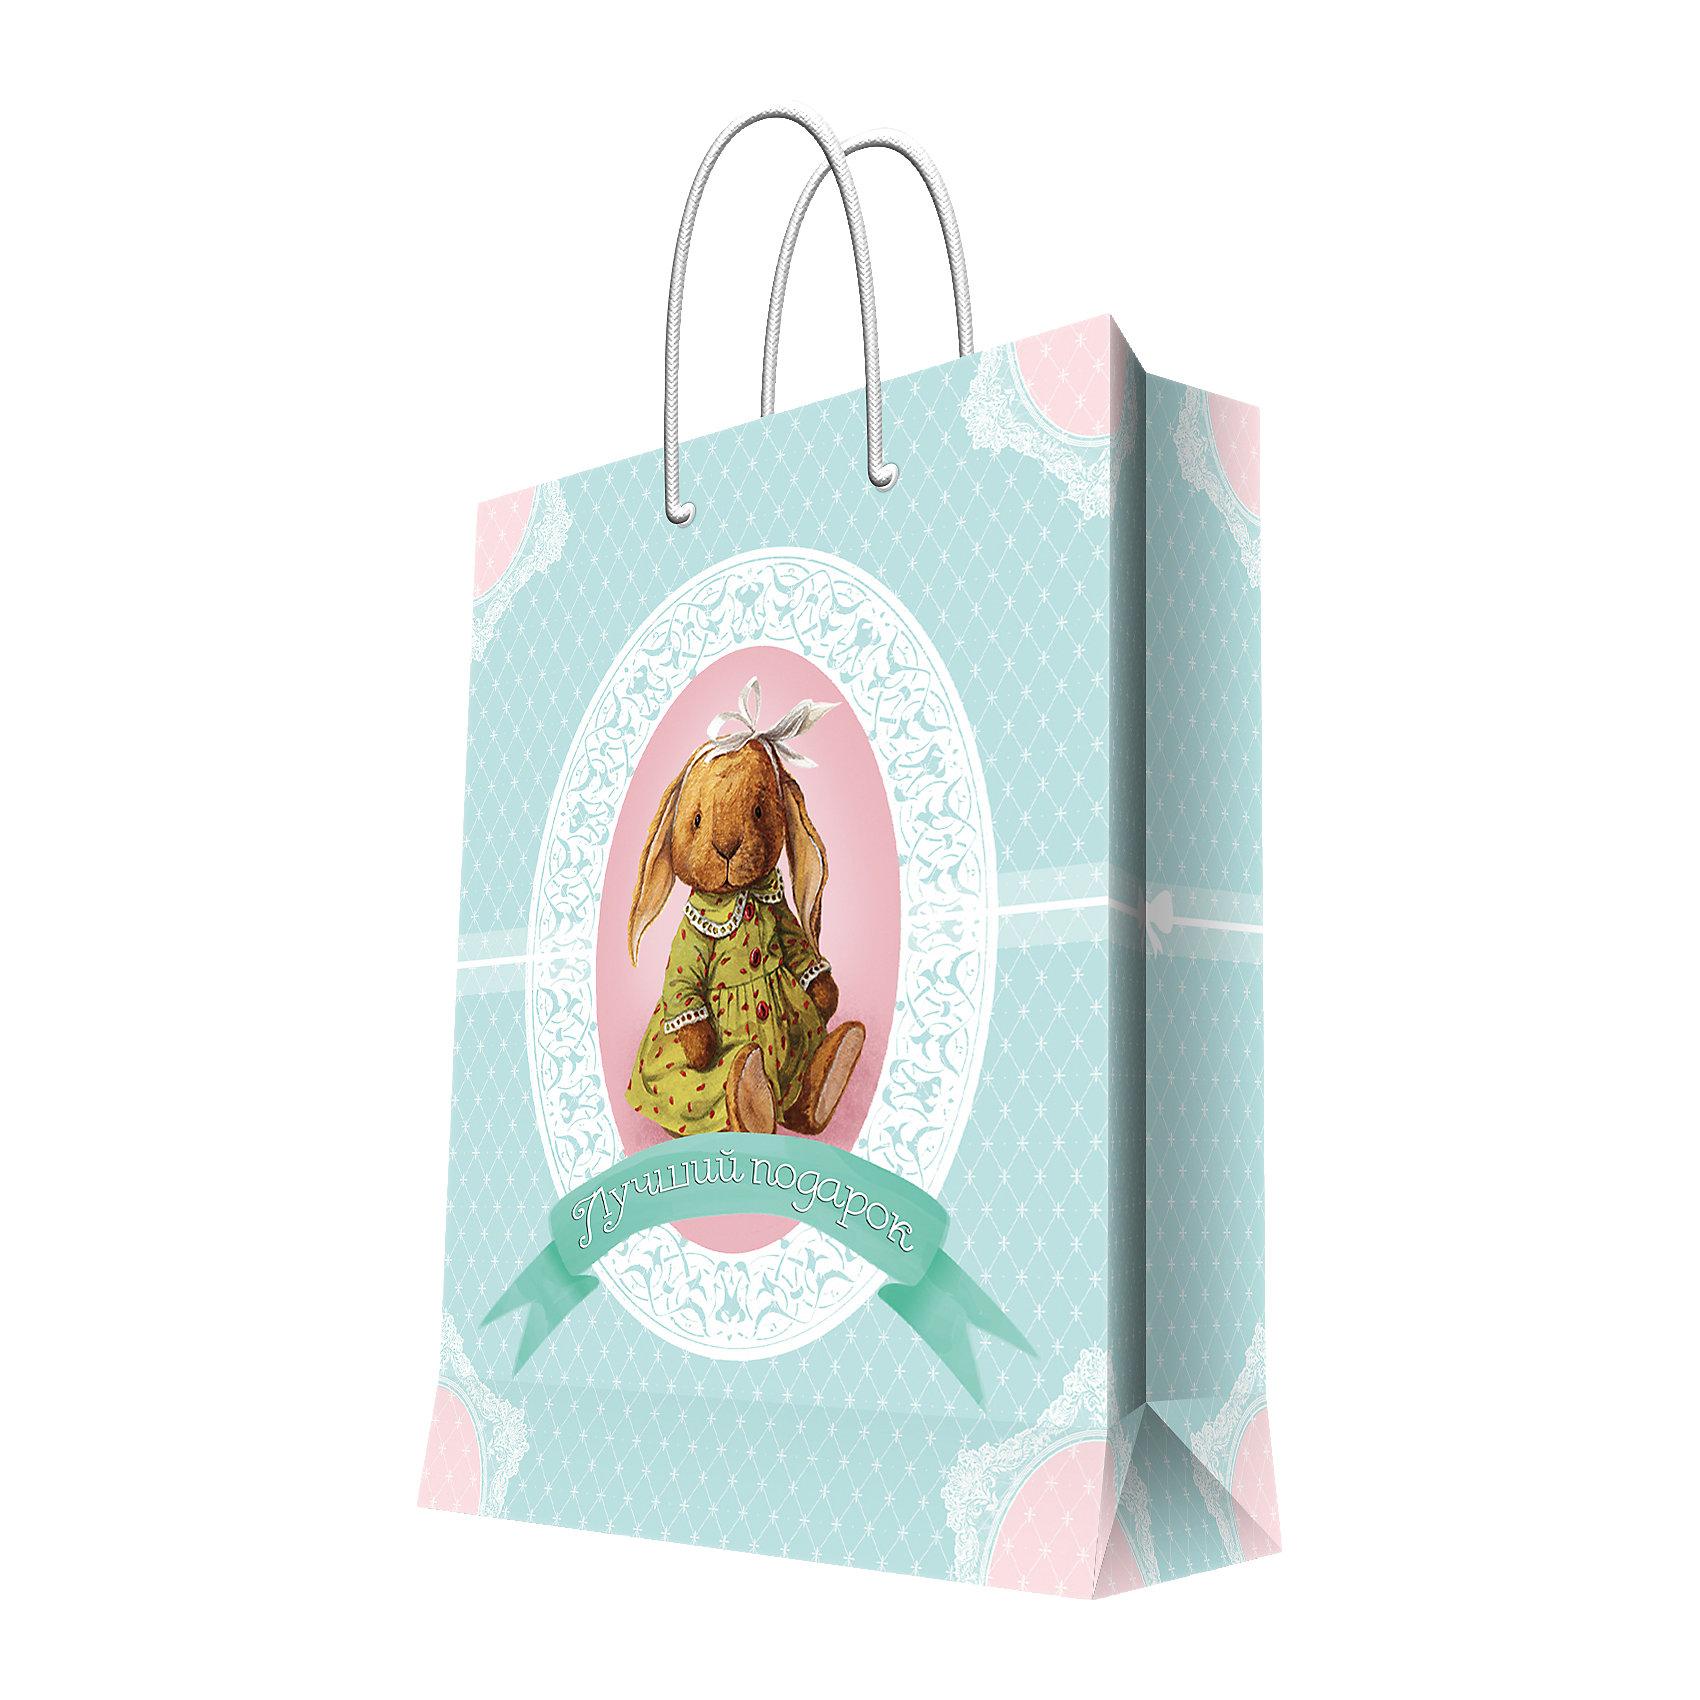 пакет подарочный феникс презент галстуки и бабочки 26 32 4 12 7см 44231 Феникс-Презент Подарочный пакет Зверята 26*32,4*12,7 см